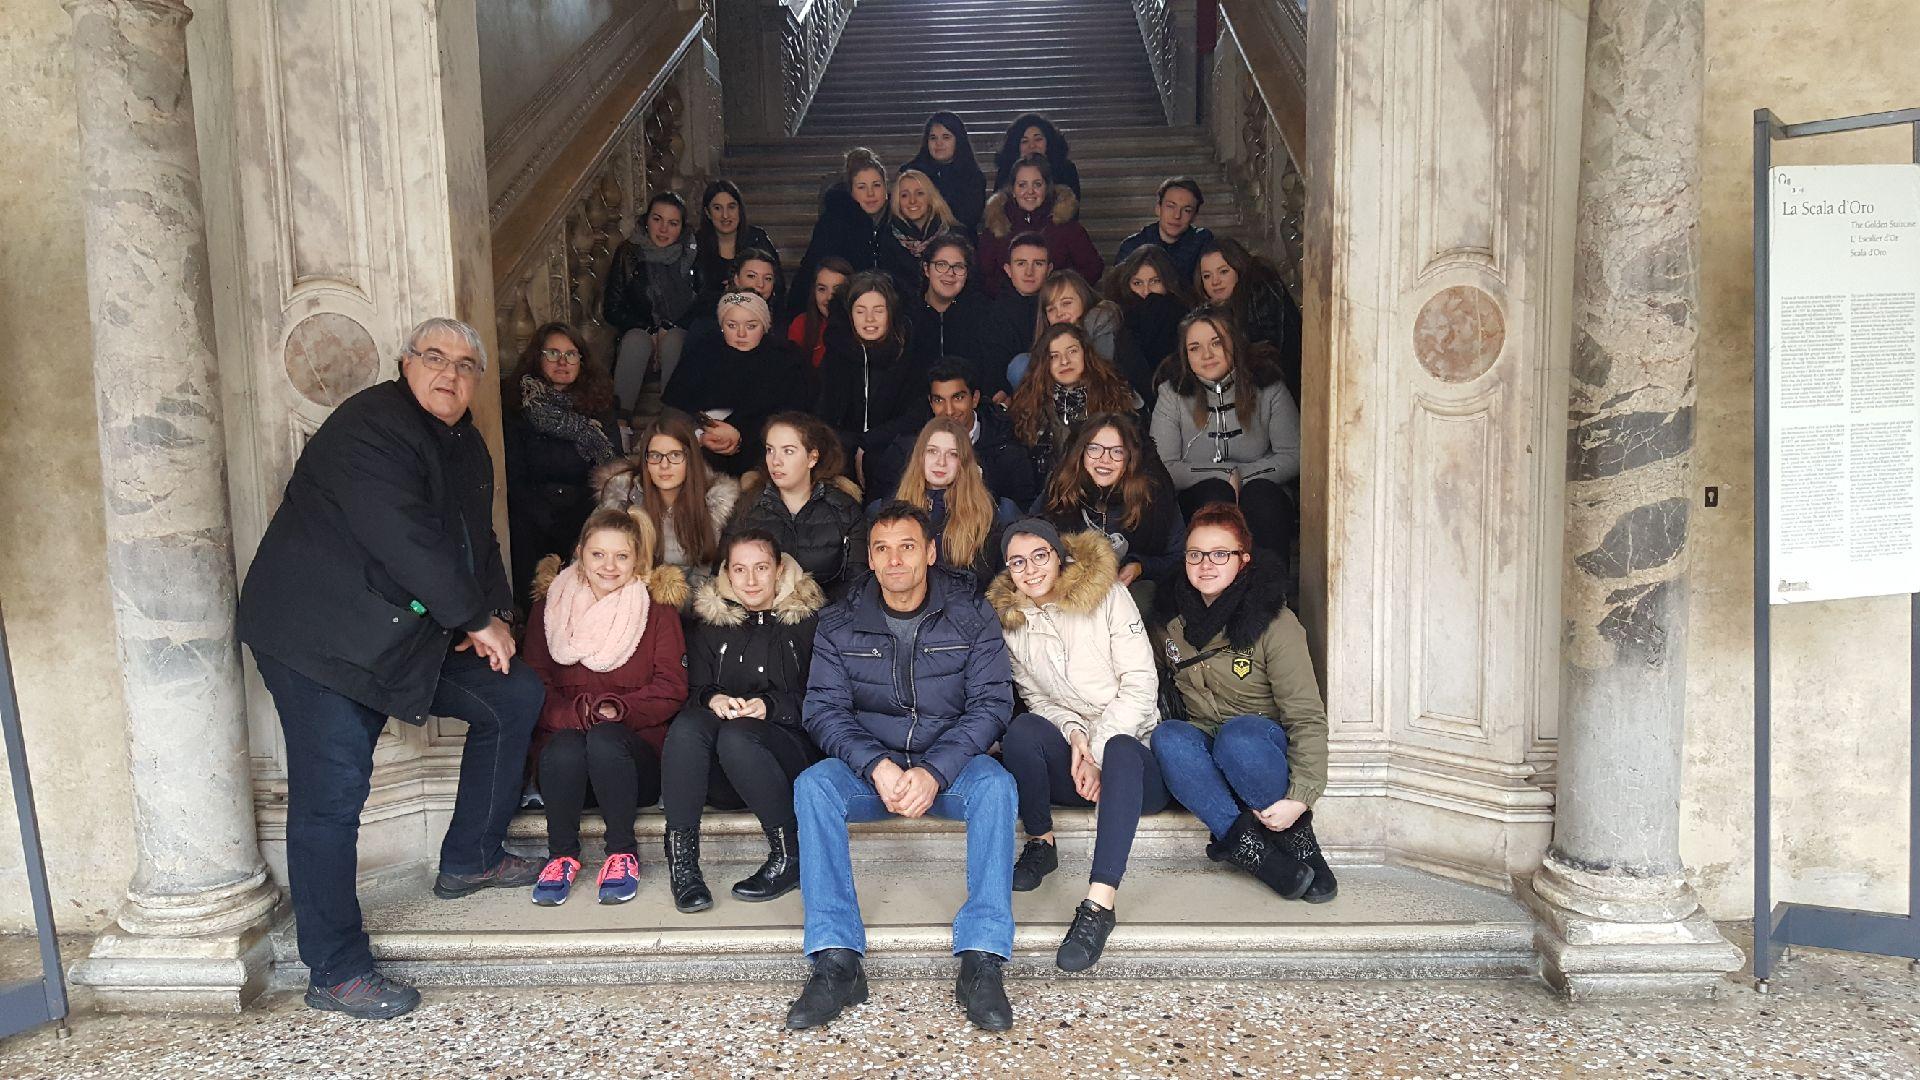 Escalier d'or du Palais des Doge mercredi